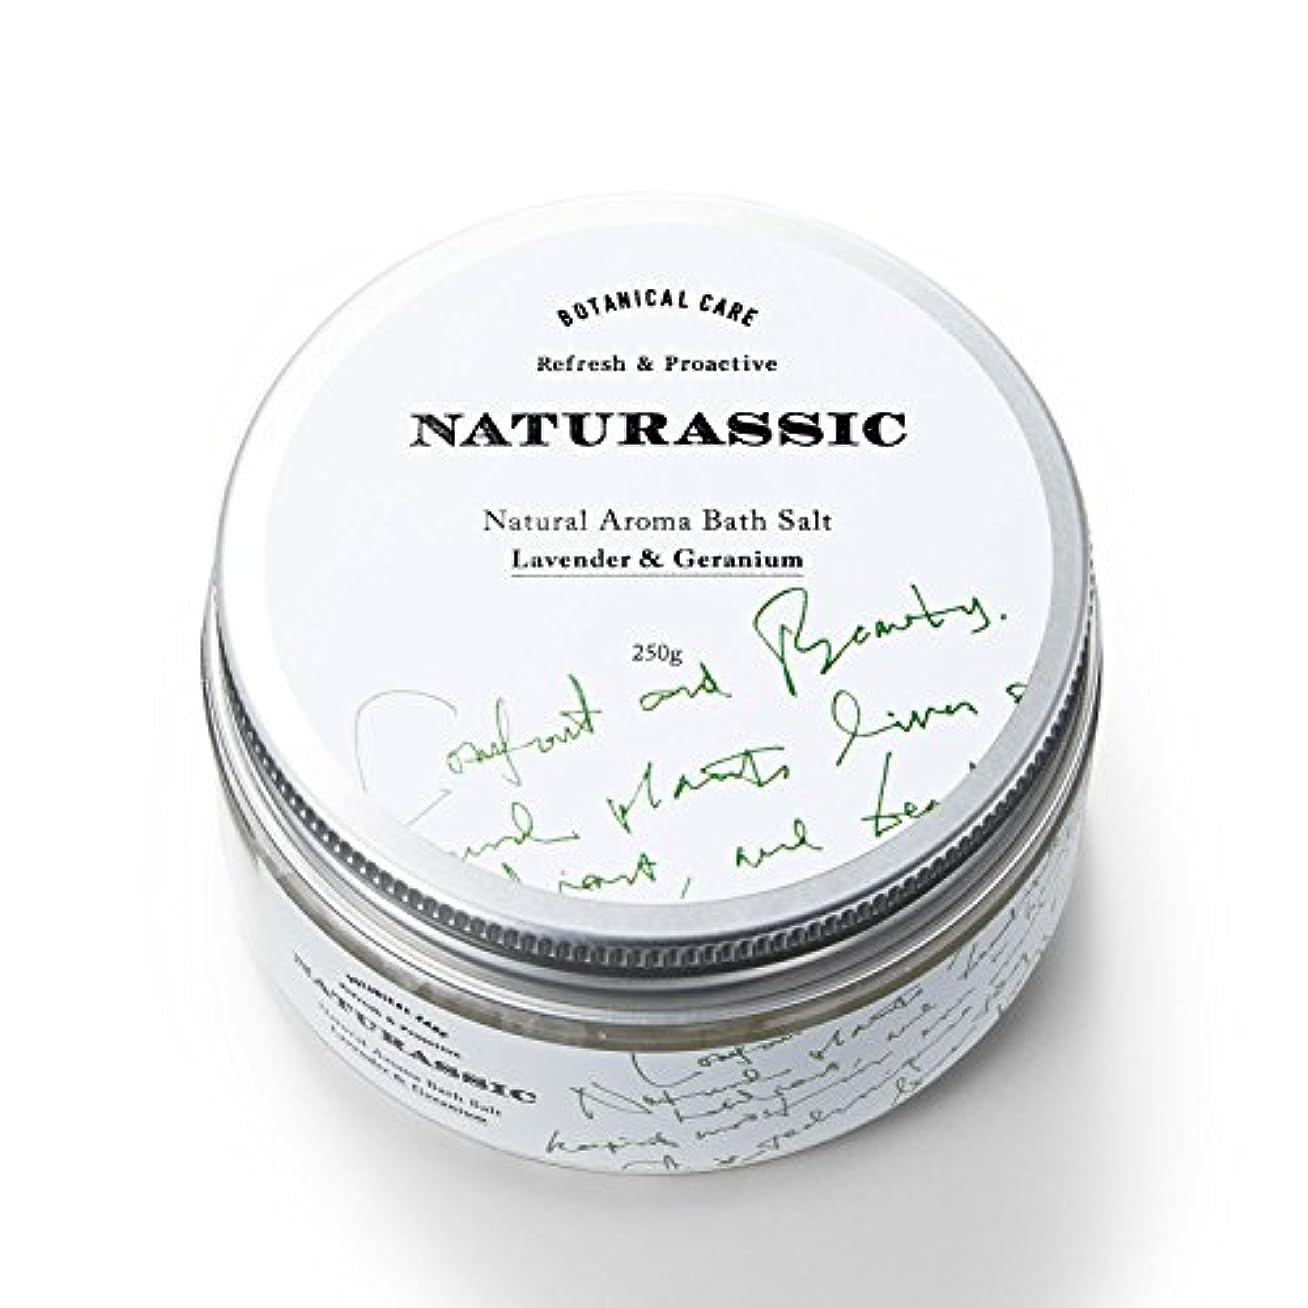 累積タフまだナチュラシック ナチュラルアロマバスソルトLG ラベンダー&ゼラニウムの香り 250g [天然由来成分100%]